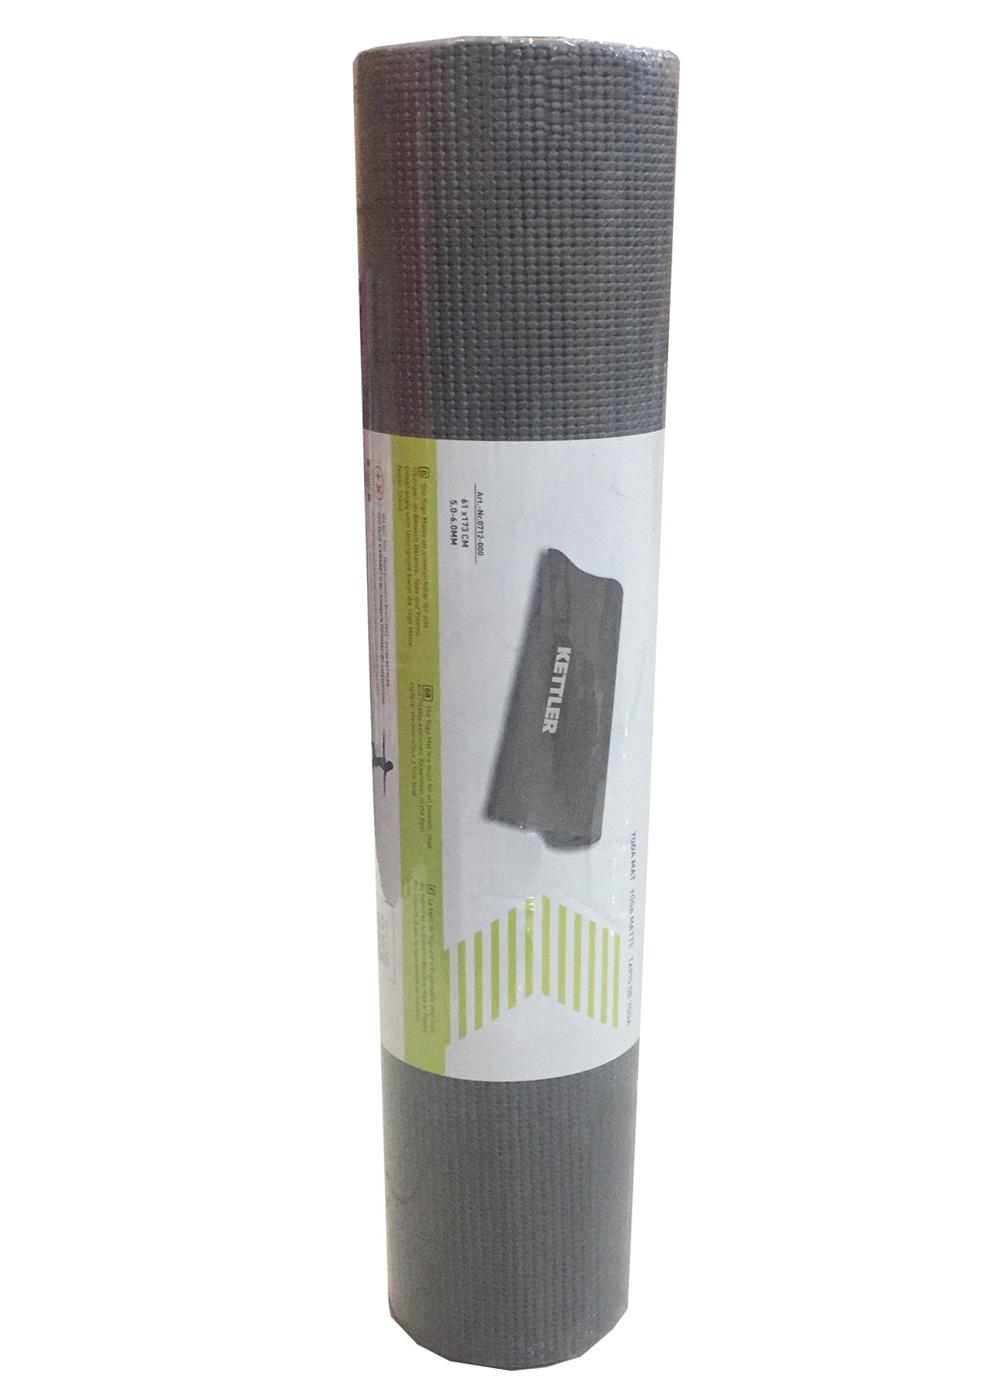 Kettler Yoga Mat 5 6 Mm 0712 000 Ungu8 Daftar Harga Terbaru Dan Matras 80mm 6245